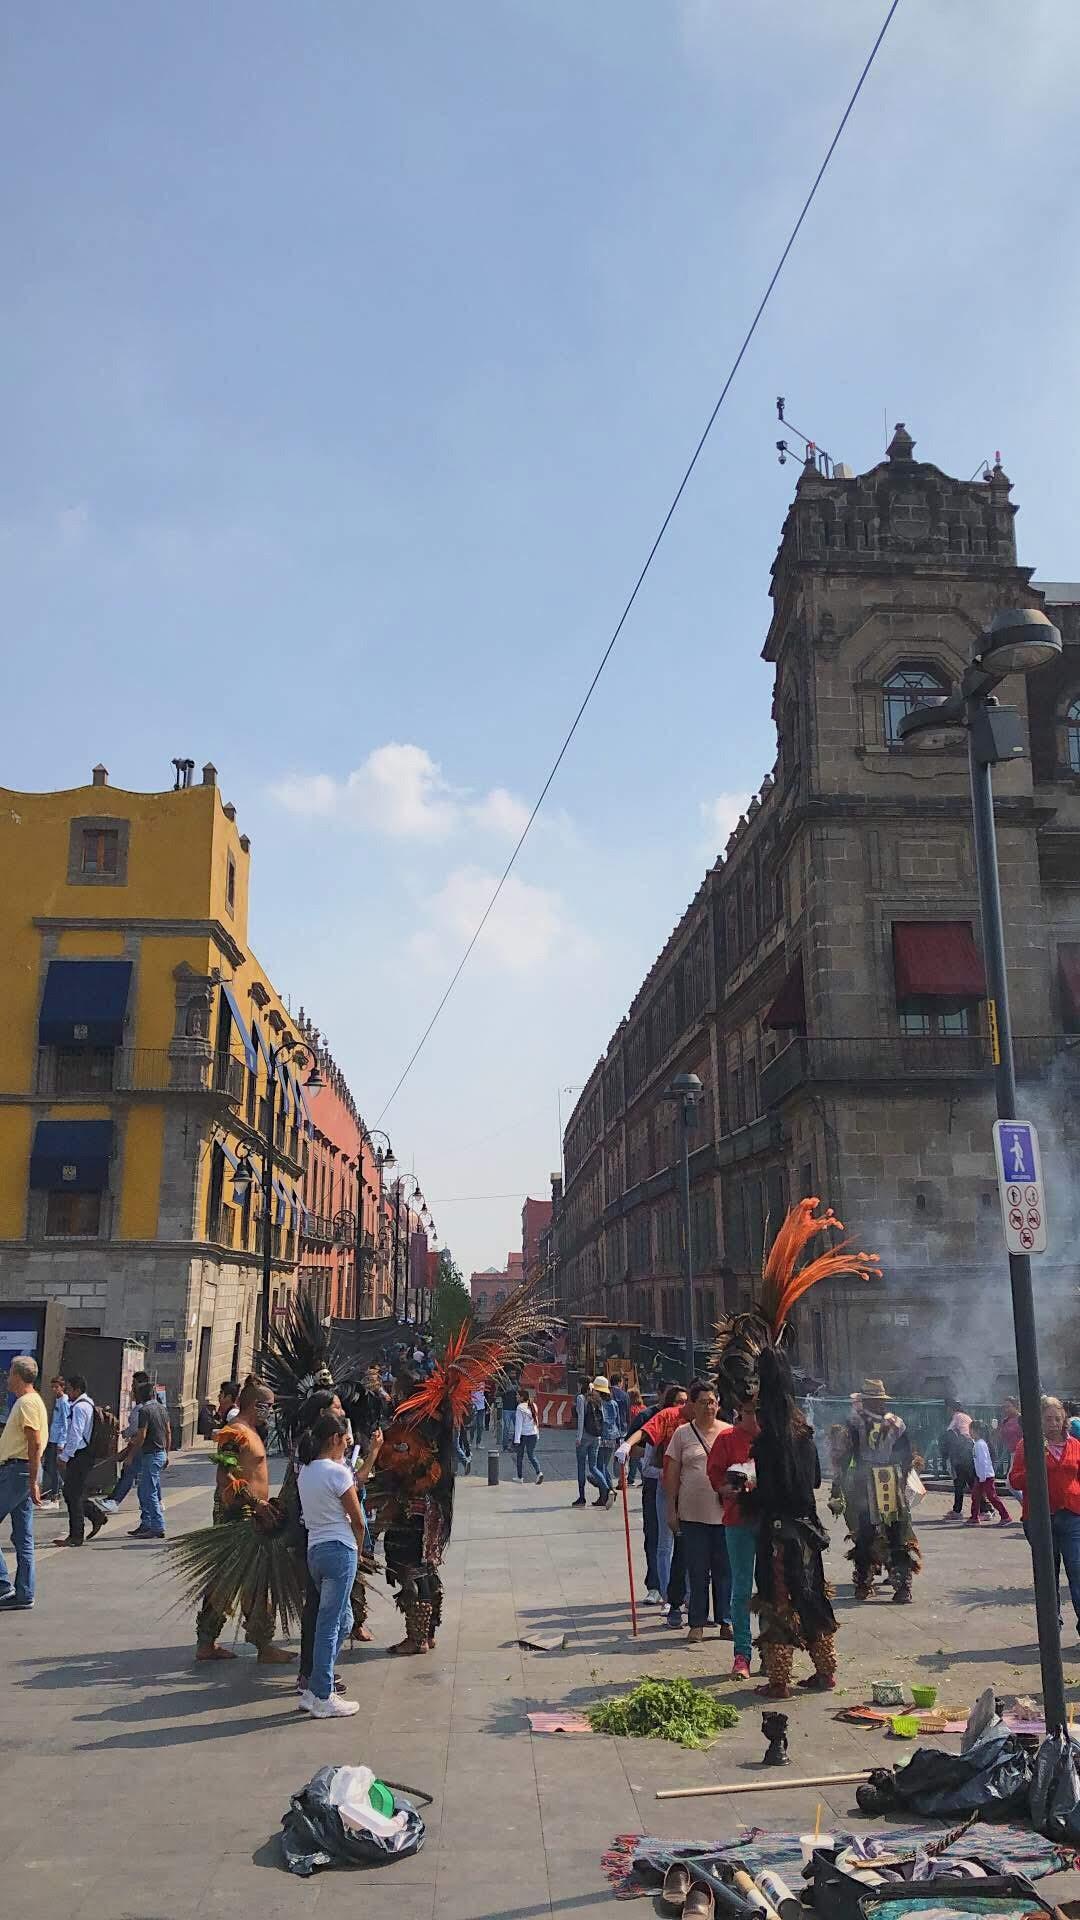 Mexico City - 1. Café Avellaneda2. Cafe Passmar3. Cafetería El PénduloFull Mexico City list here.